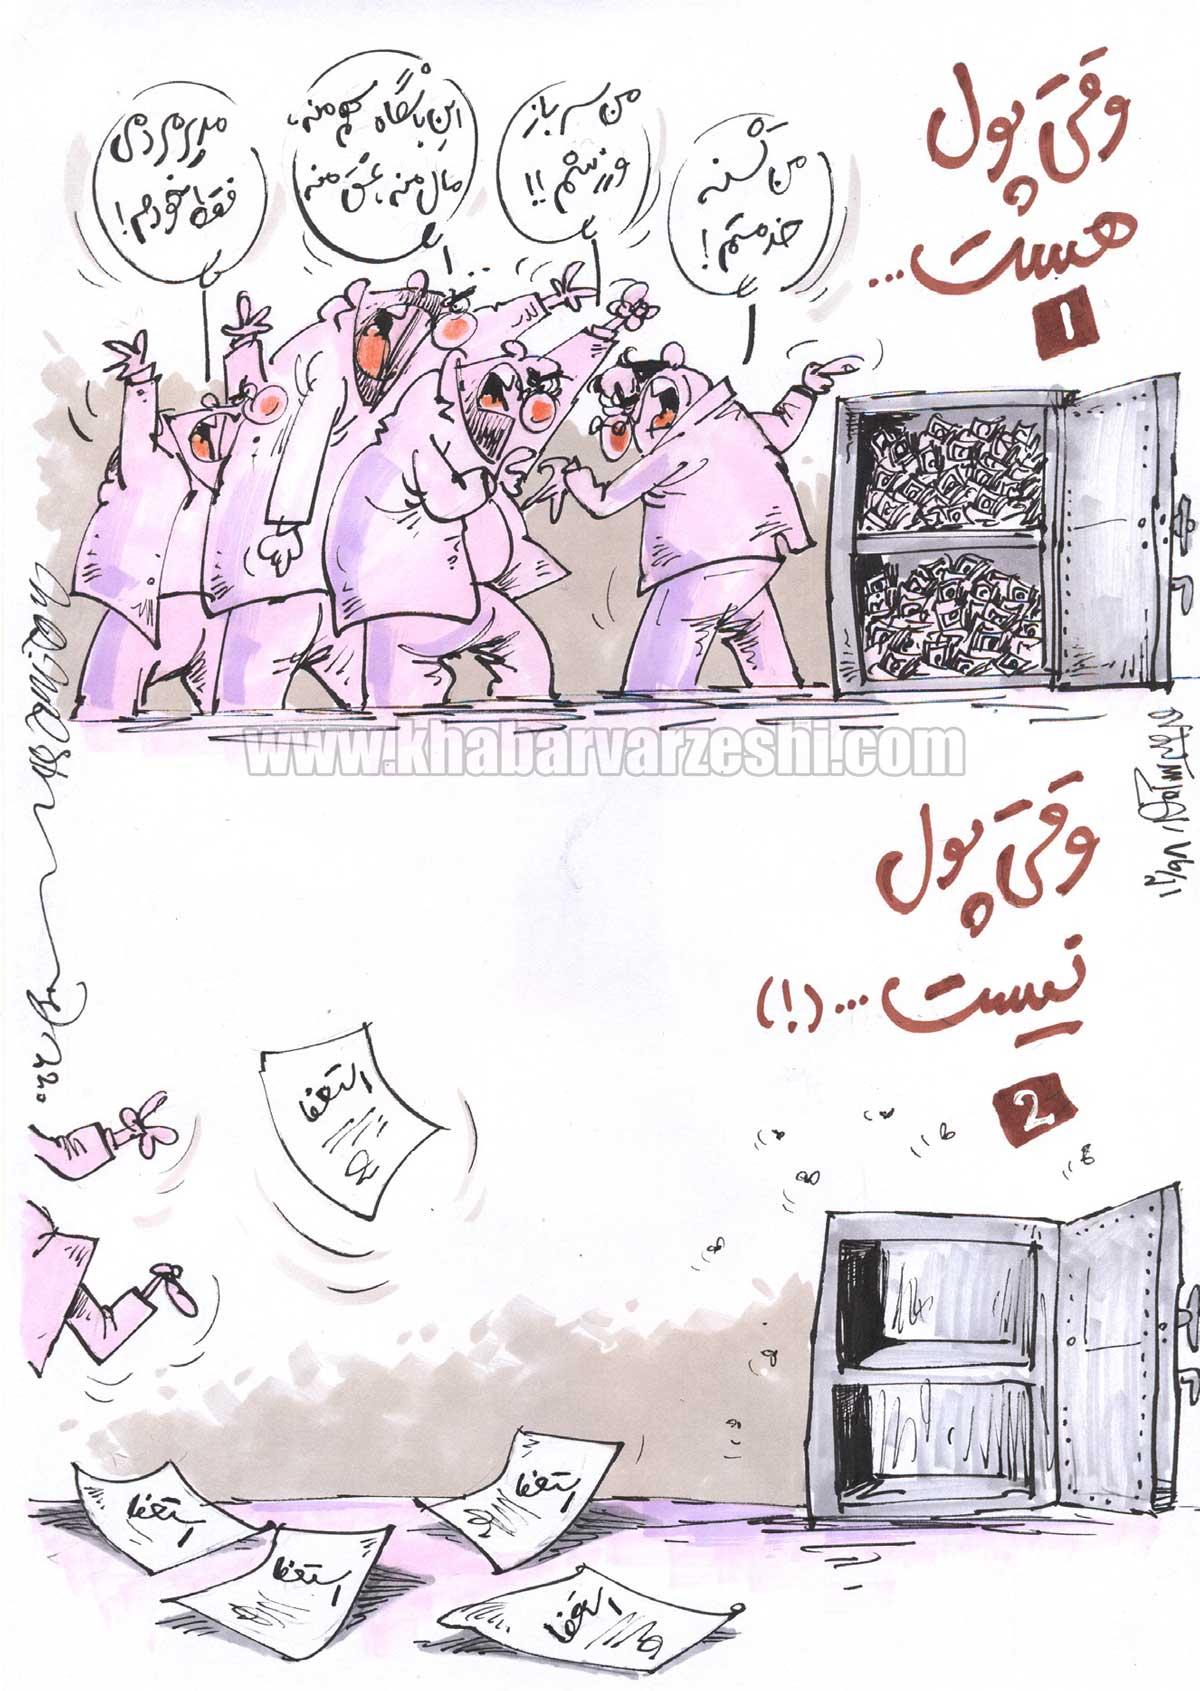 کارتون محمدرضا میرشاهولد درباره استعفای مدیرعامل باشگاه